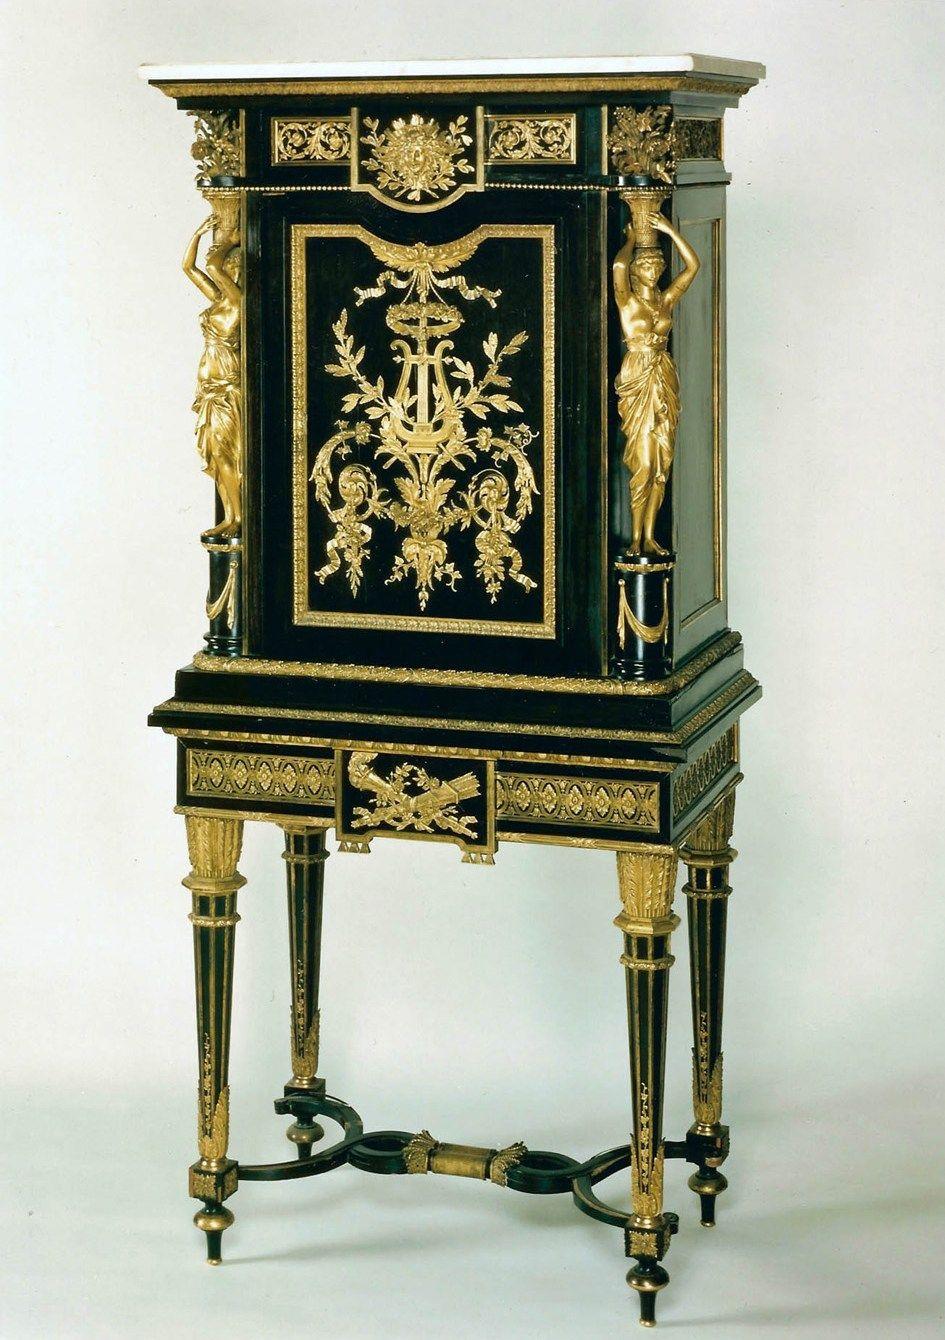 Les Copies A L Ere Des Premieres Vystavki Universselles Louis Xvi Style Antique Wall Clock Art Furniture